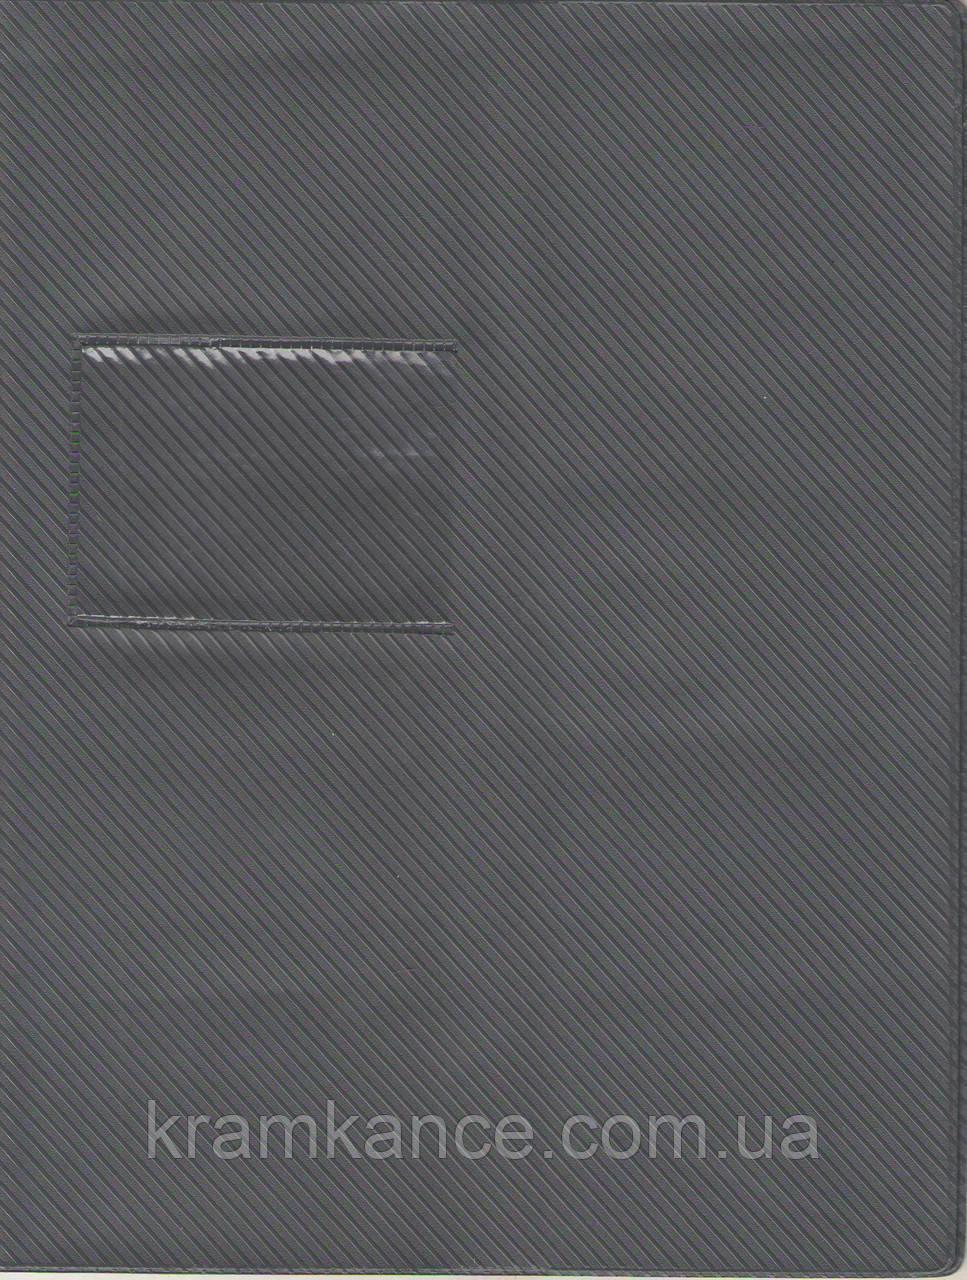 """Обкладенки на класний журнал ПВХ TASCOM """"Смужка""""30х44см 100 мкм"""